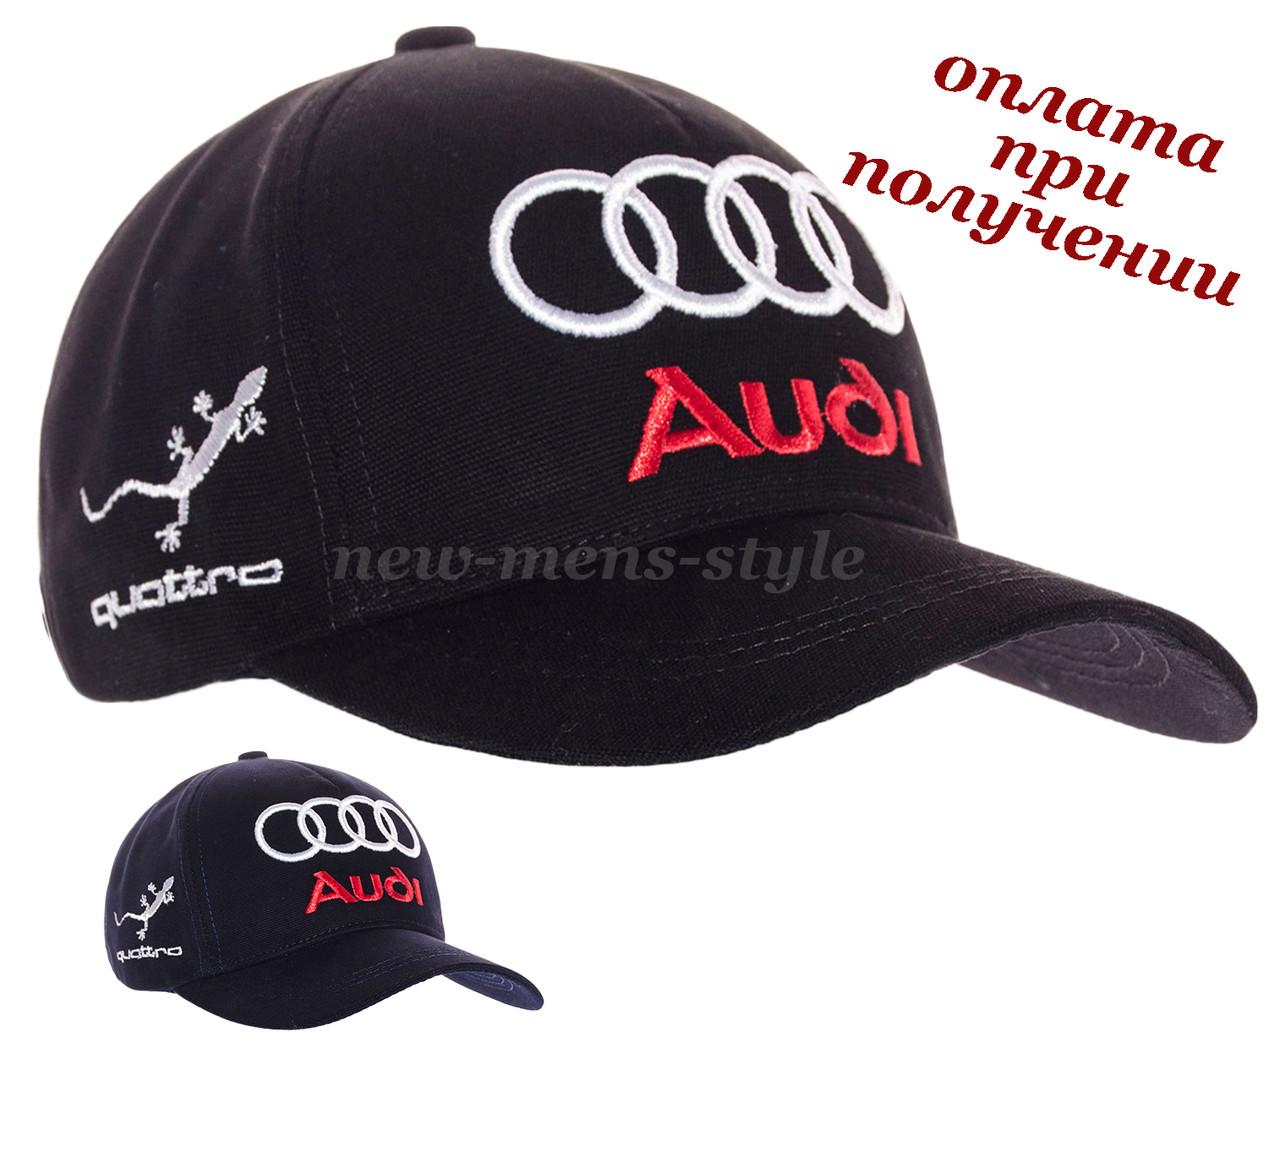 Мужская молодежная модная стильная спортивная кепка бейсболка блайзер с логотипом авто Audi S-line Ауди